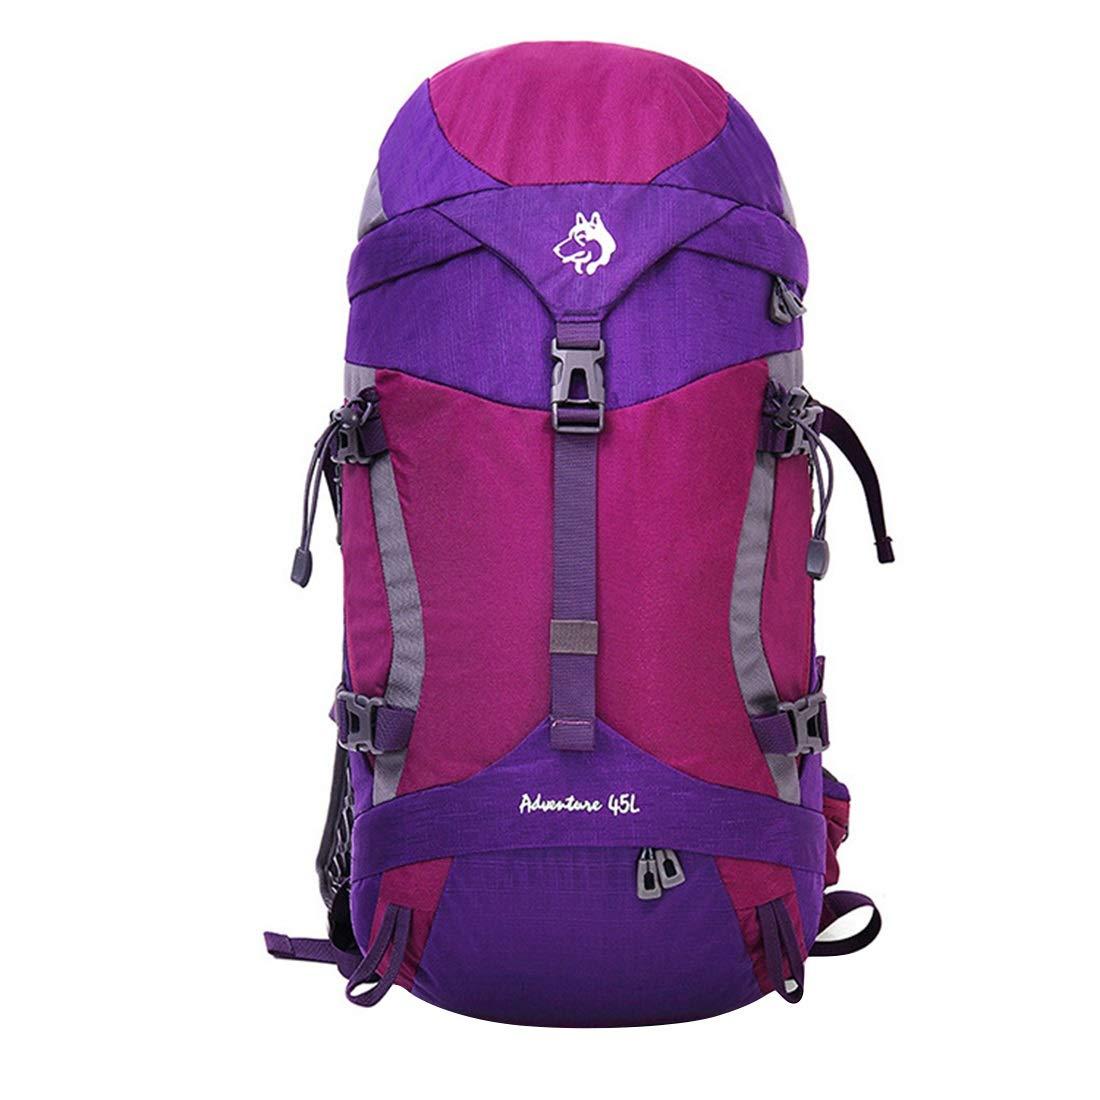 登山用バックパックウォーキングによるアウトドアスポーツに最適な防水性と耐久性のある野生のキャンプ旅行中立的な男性と女性の多機能ショルダー KAKACITY (色 : 紫の) B07SHFK8FL 紫の